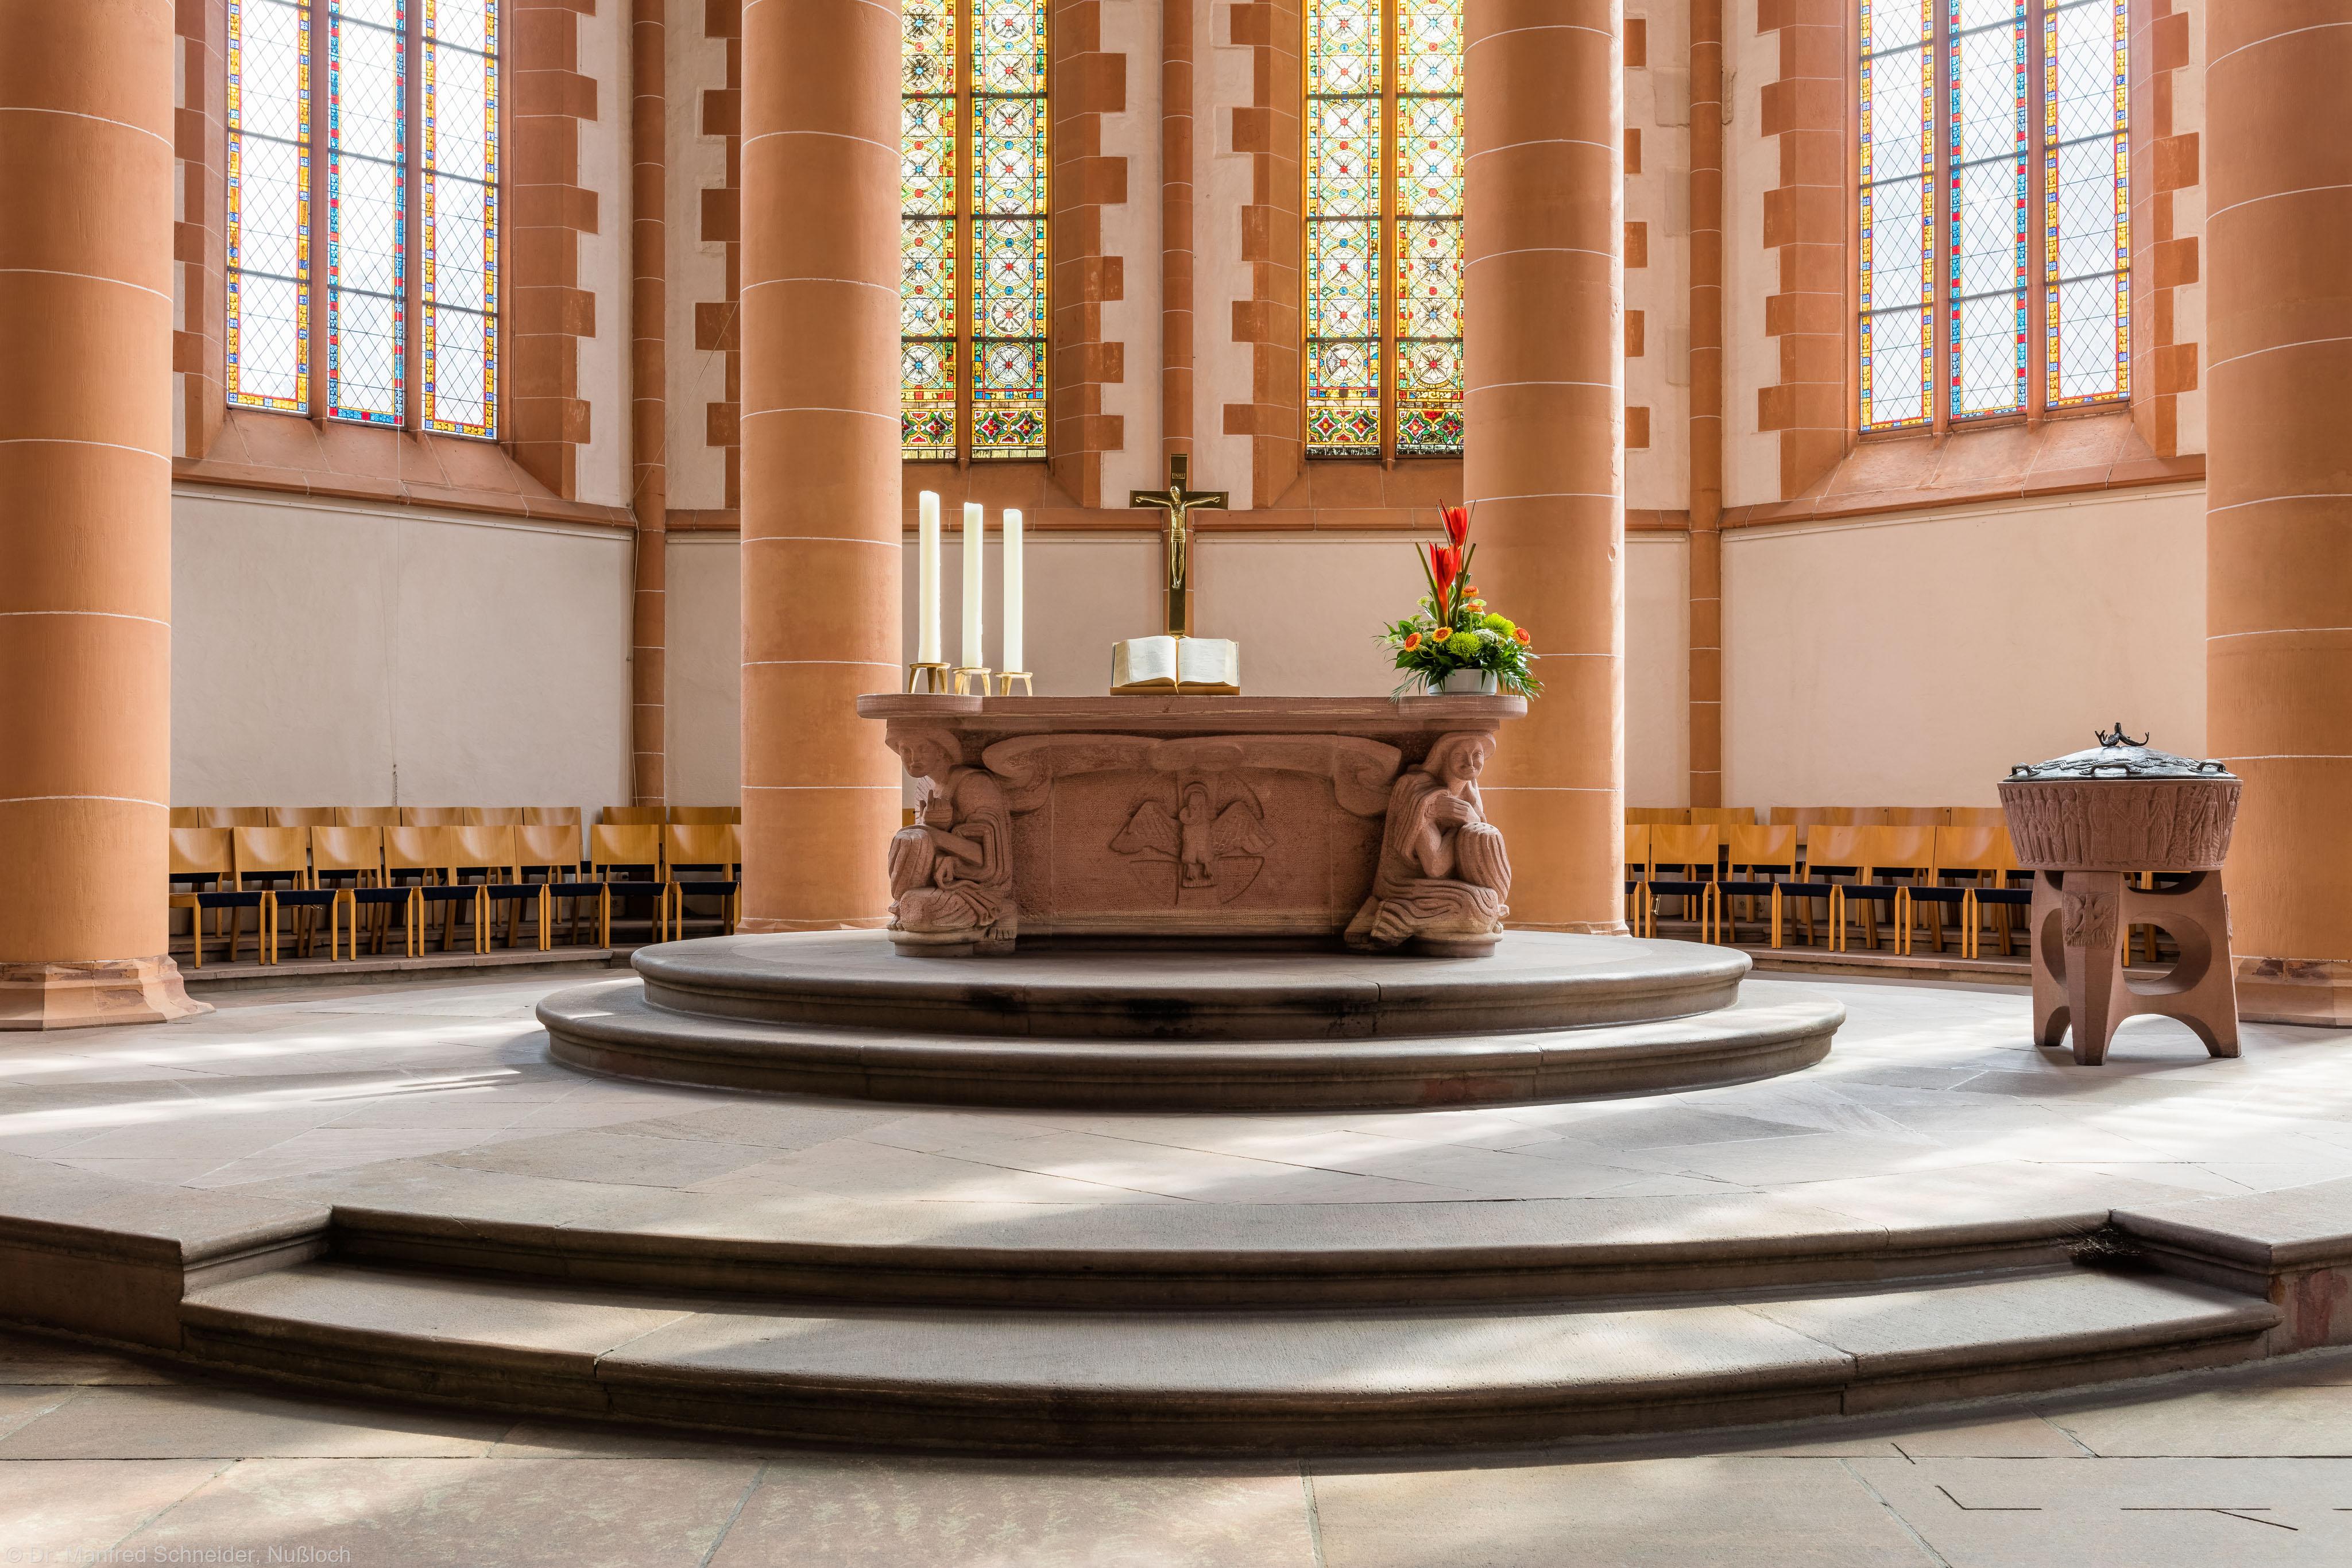 Heidelberg - Heiliggeistkirche - Altar - Westseite des Altars von Edzard Hobbing (aufgenommen im August 2015, am späten Vormittag)